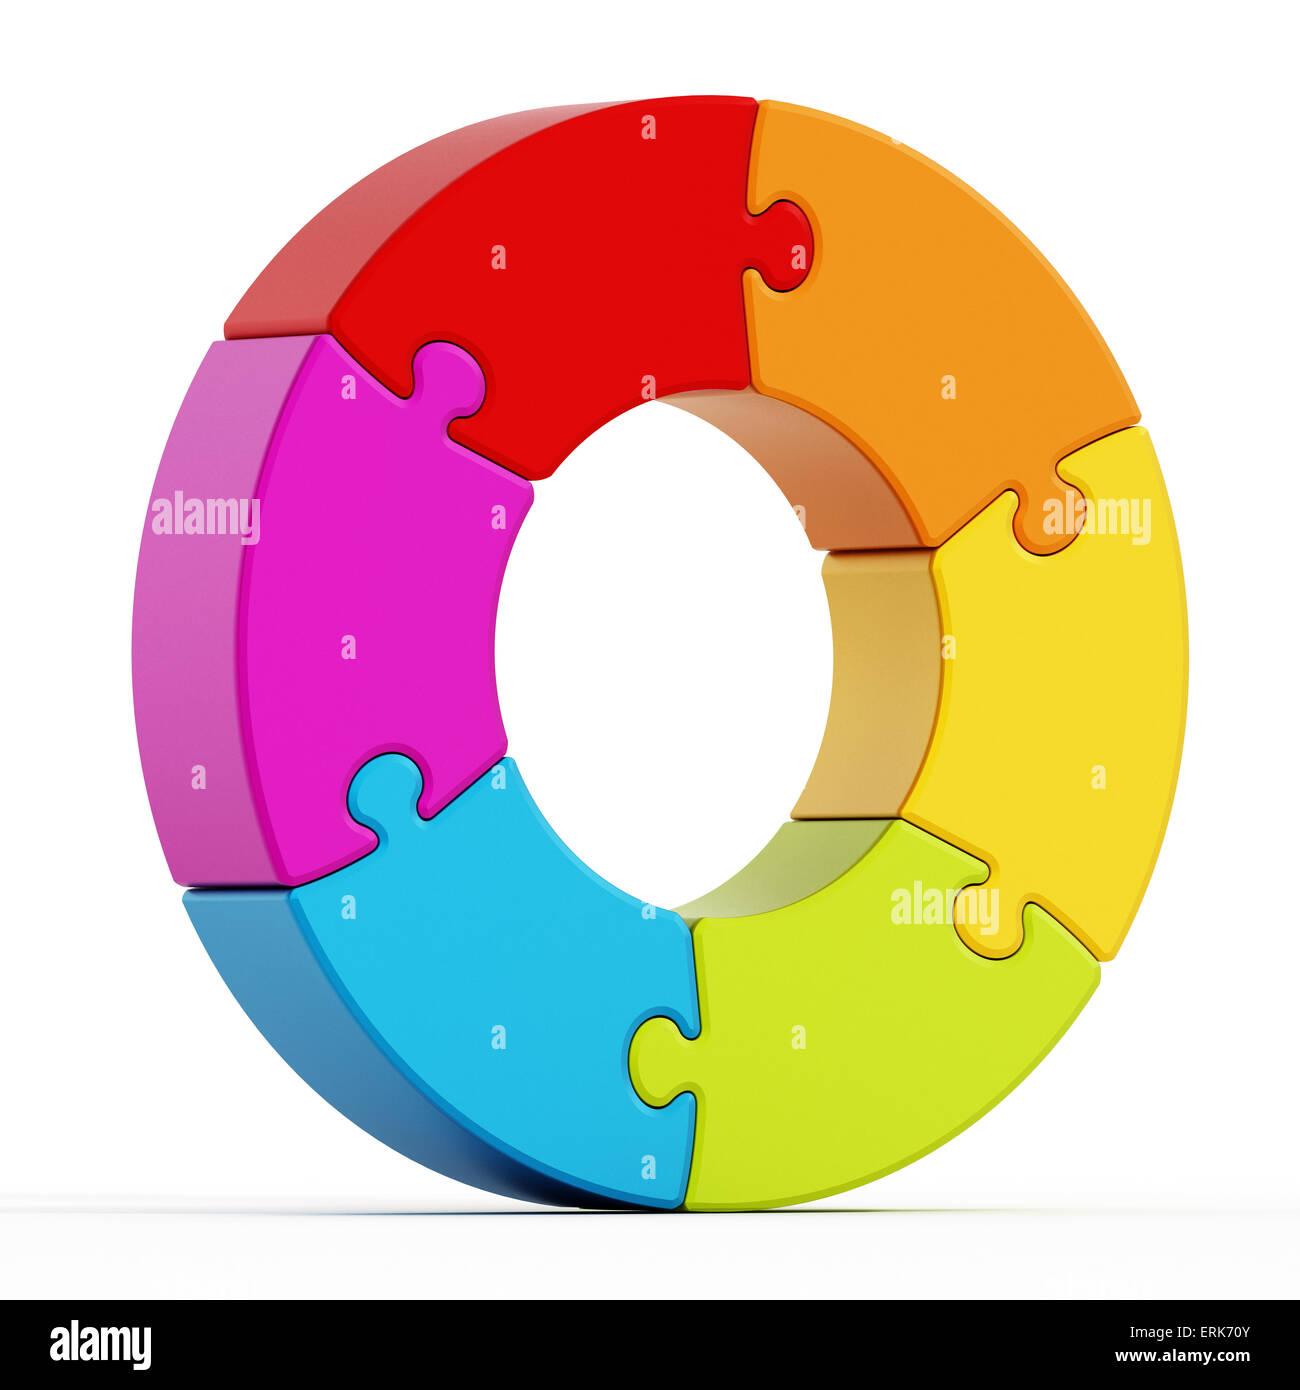 Jigsaw Puzzle-Teile bilden einen Kreis miteinander verbunden. Stockbild